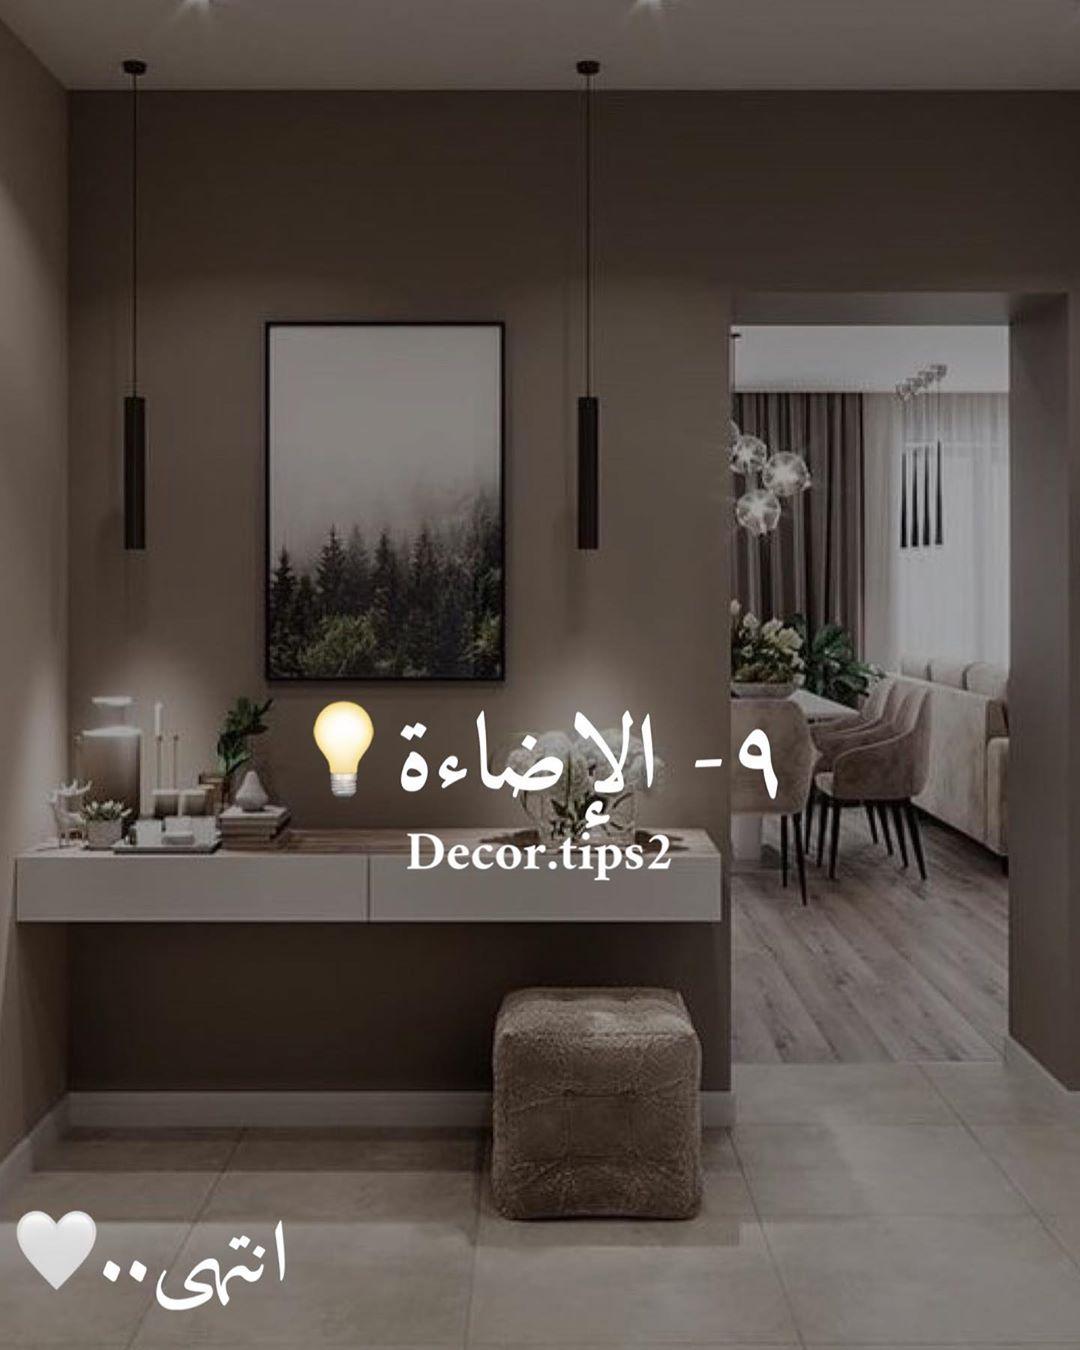 التنوع في الاضاءة خدمات تصميم ديكورات و تنفيذ لجميع المشاريع المعمارية